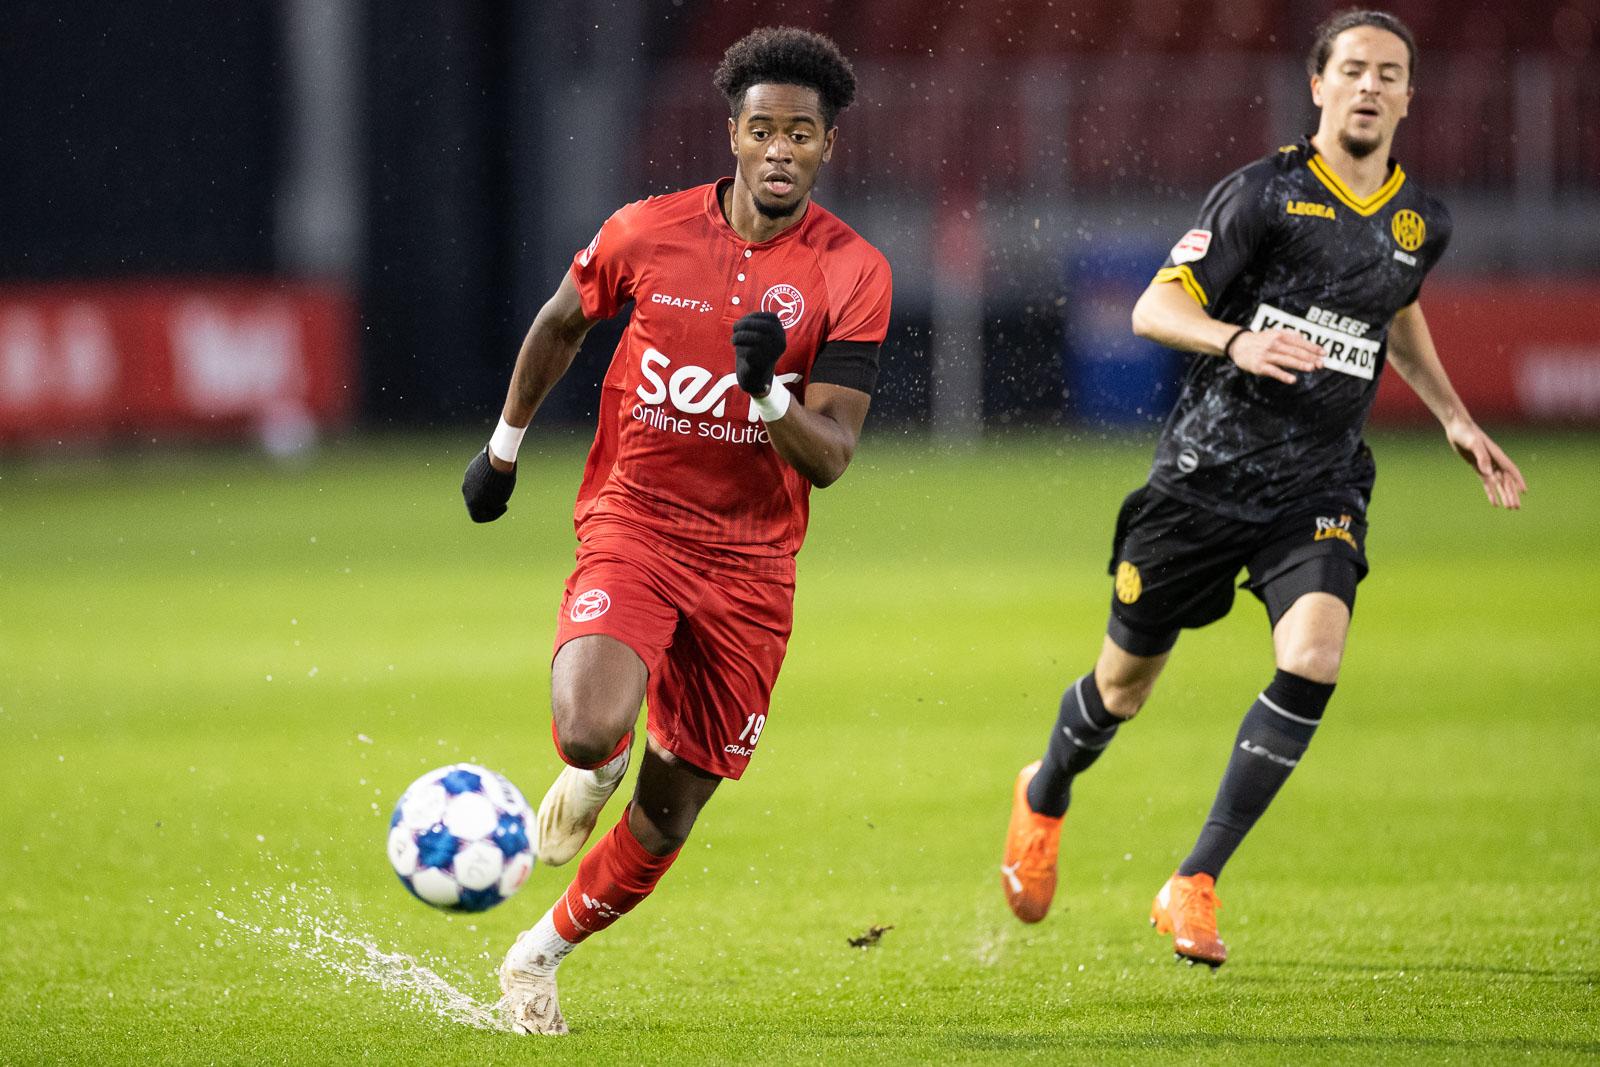 Speelschema tweede periode gewijzigd voor Almere City FC